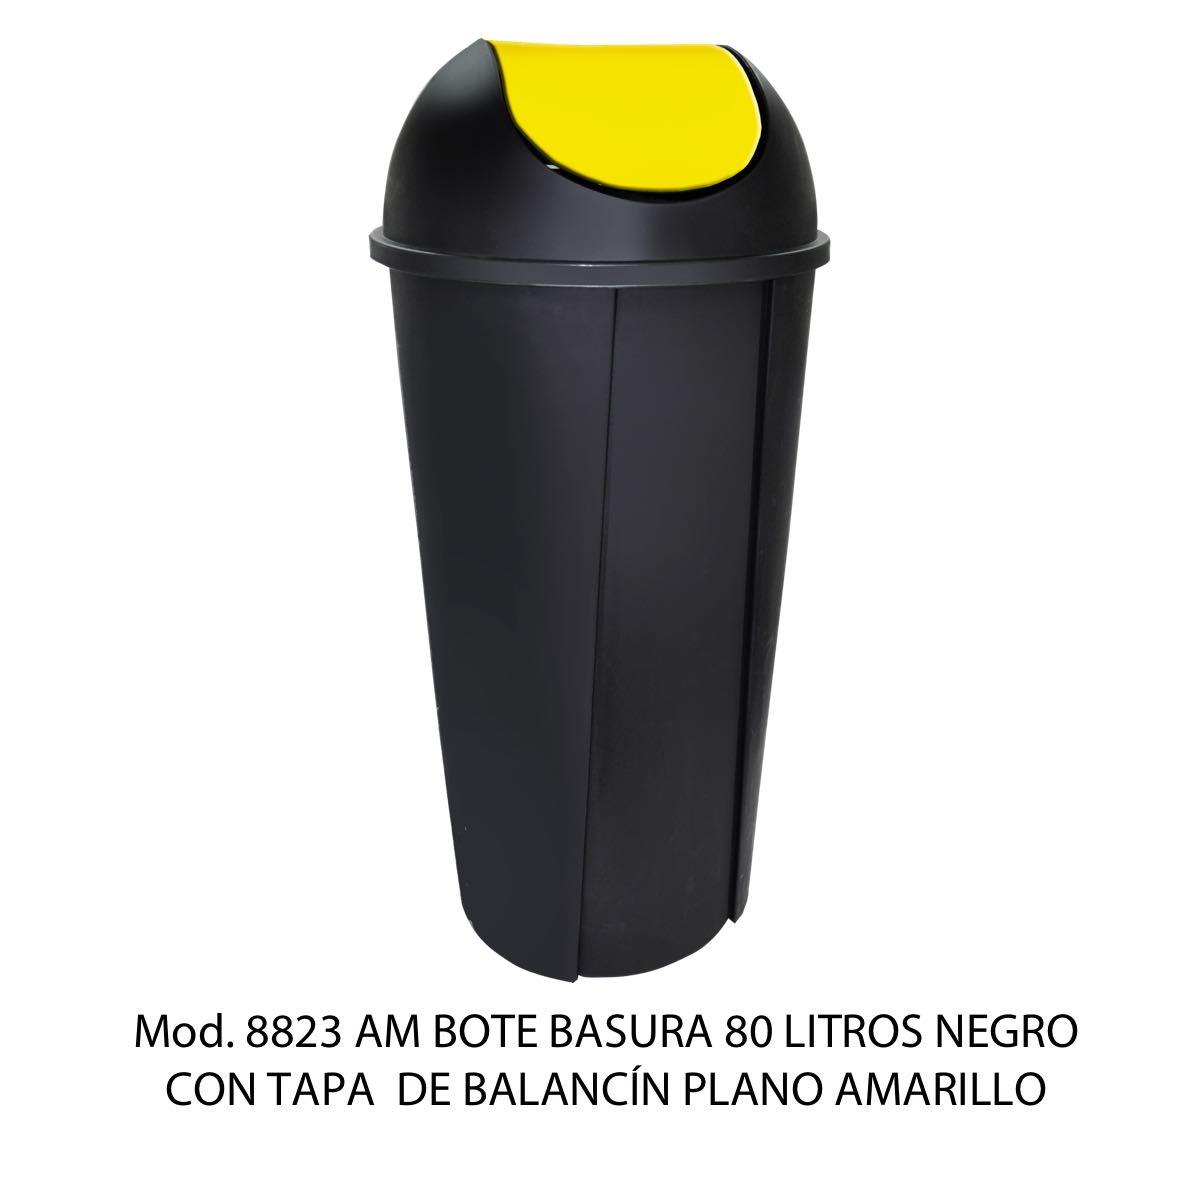 Bote de basura redondo negro de 80 litros con tapa amarillo tipo balancín liso modelo 8713 AM Sablón